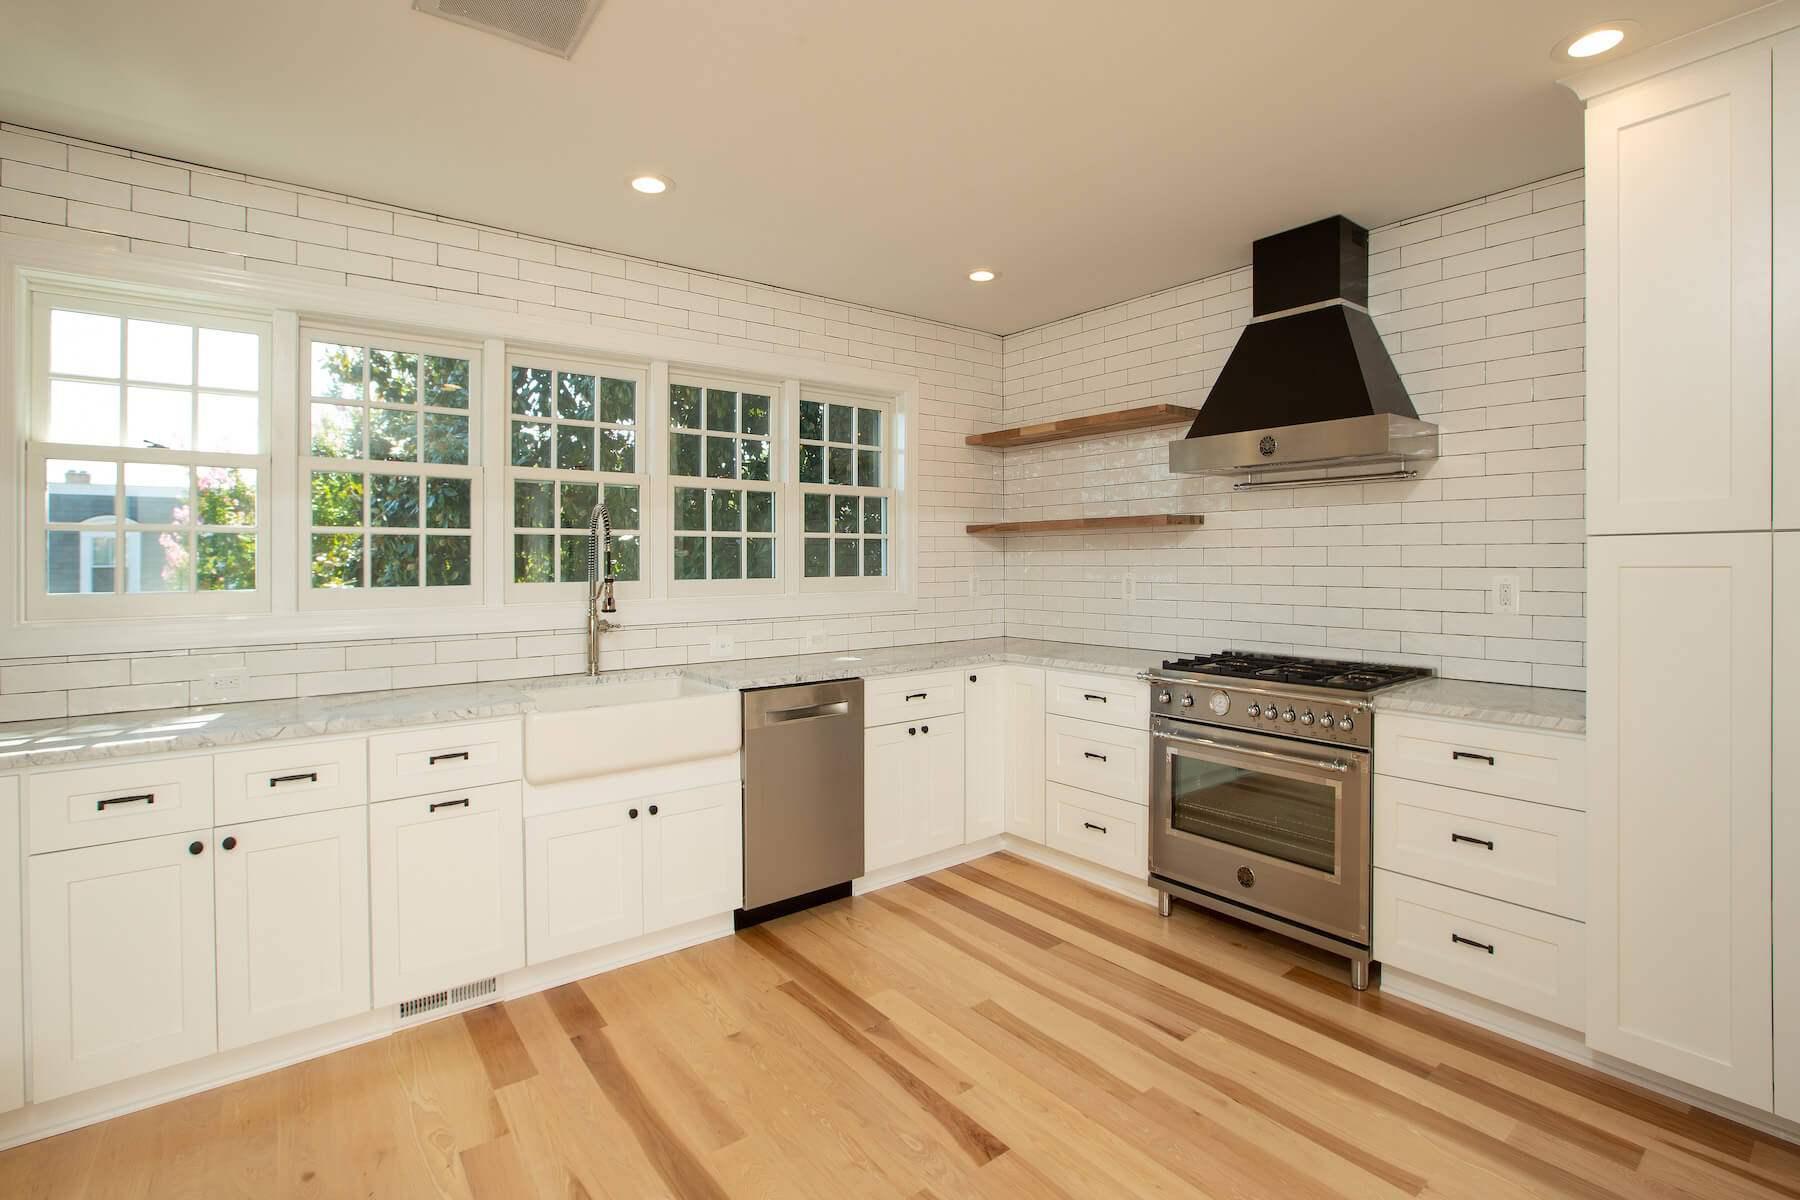 kitchen_8-12-2019_736-1